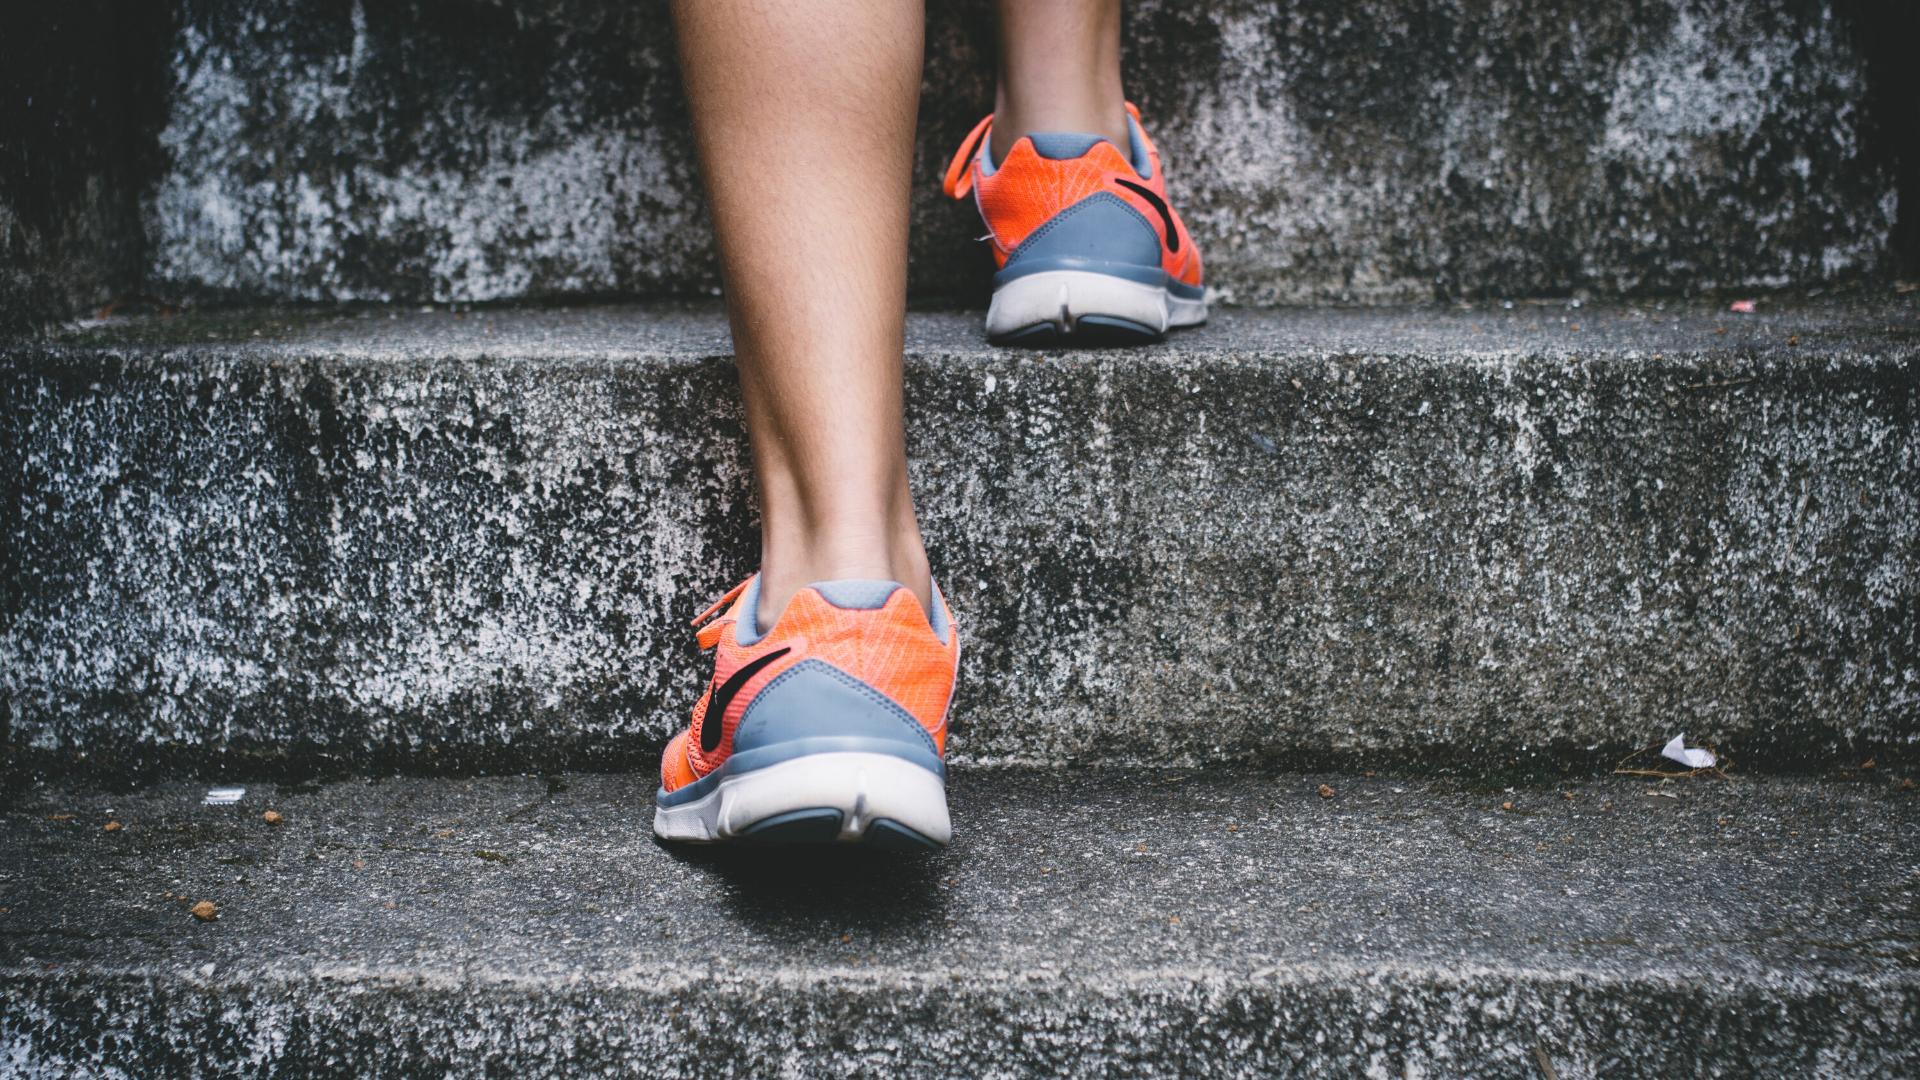 Treppen steigen ist Bewegung im Alltag.